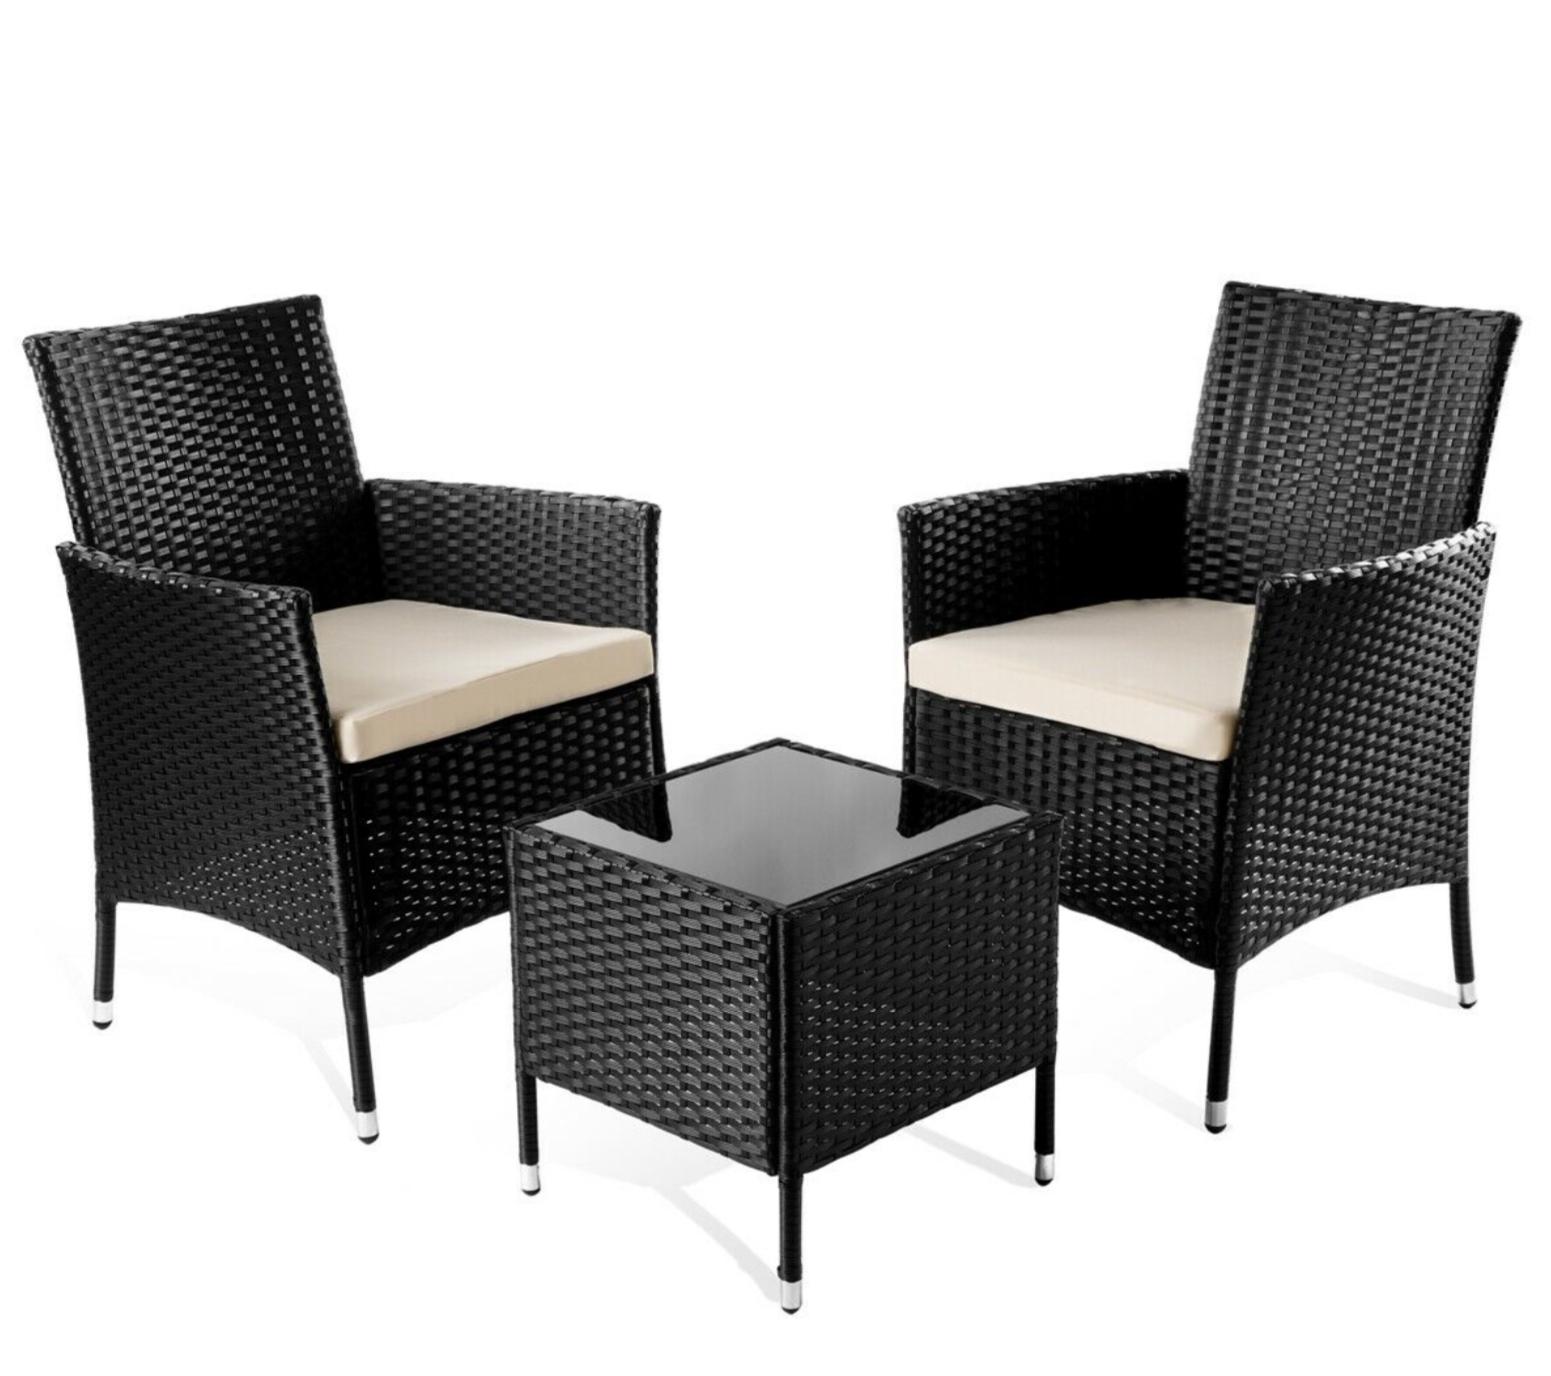 Set de muebles de jardín terraza o balcón. Mesa+2 sillas